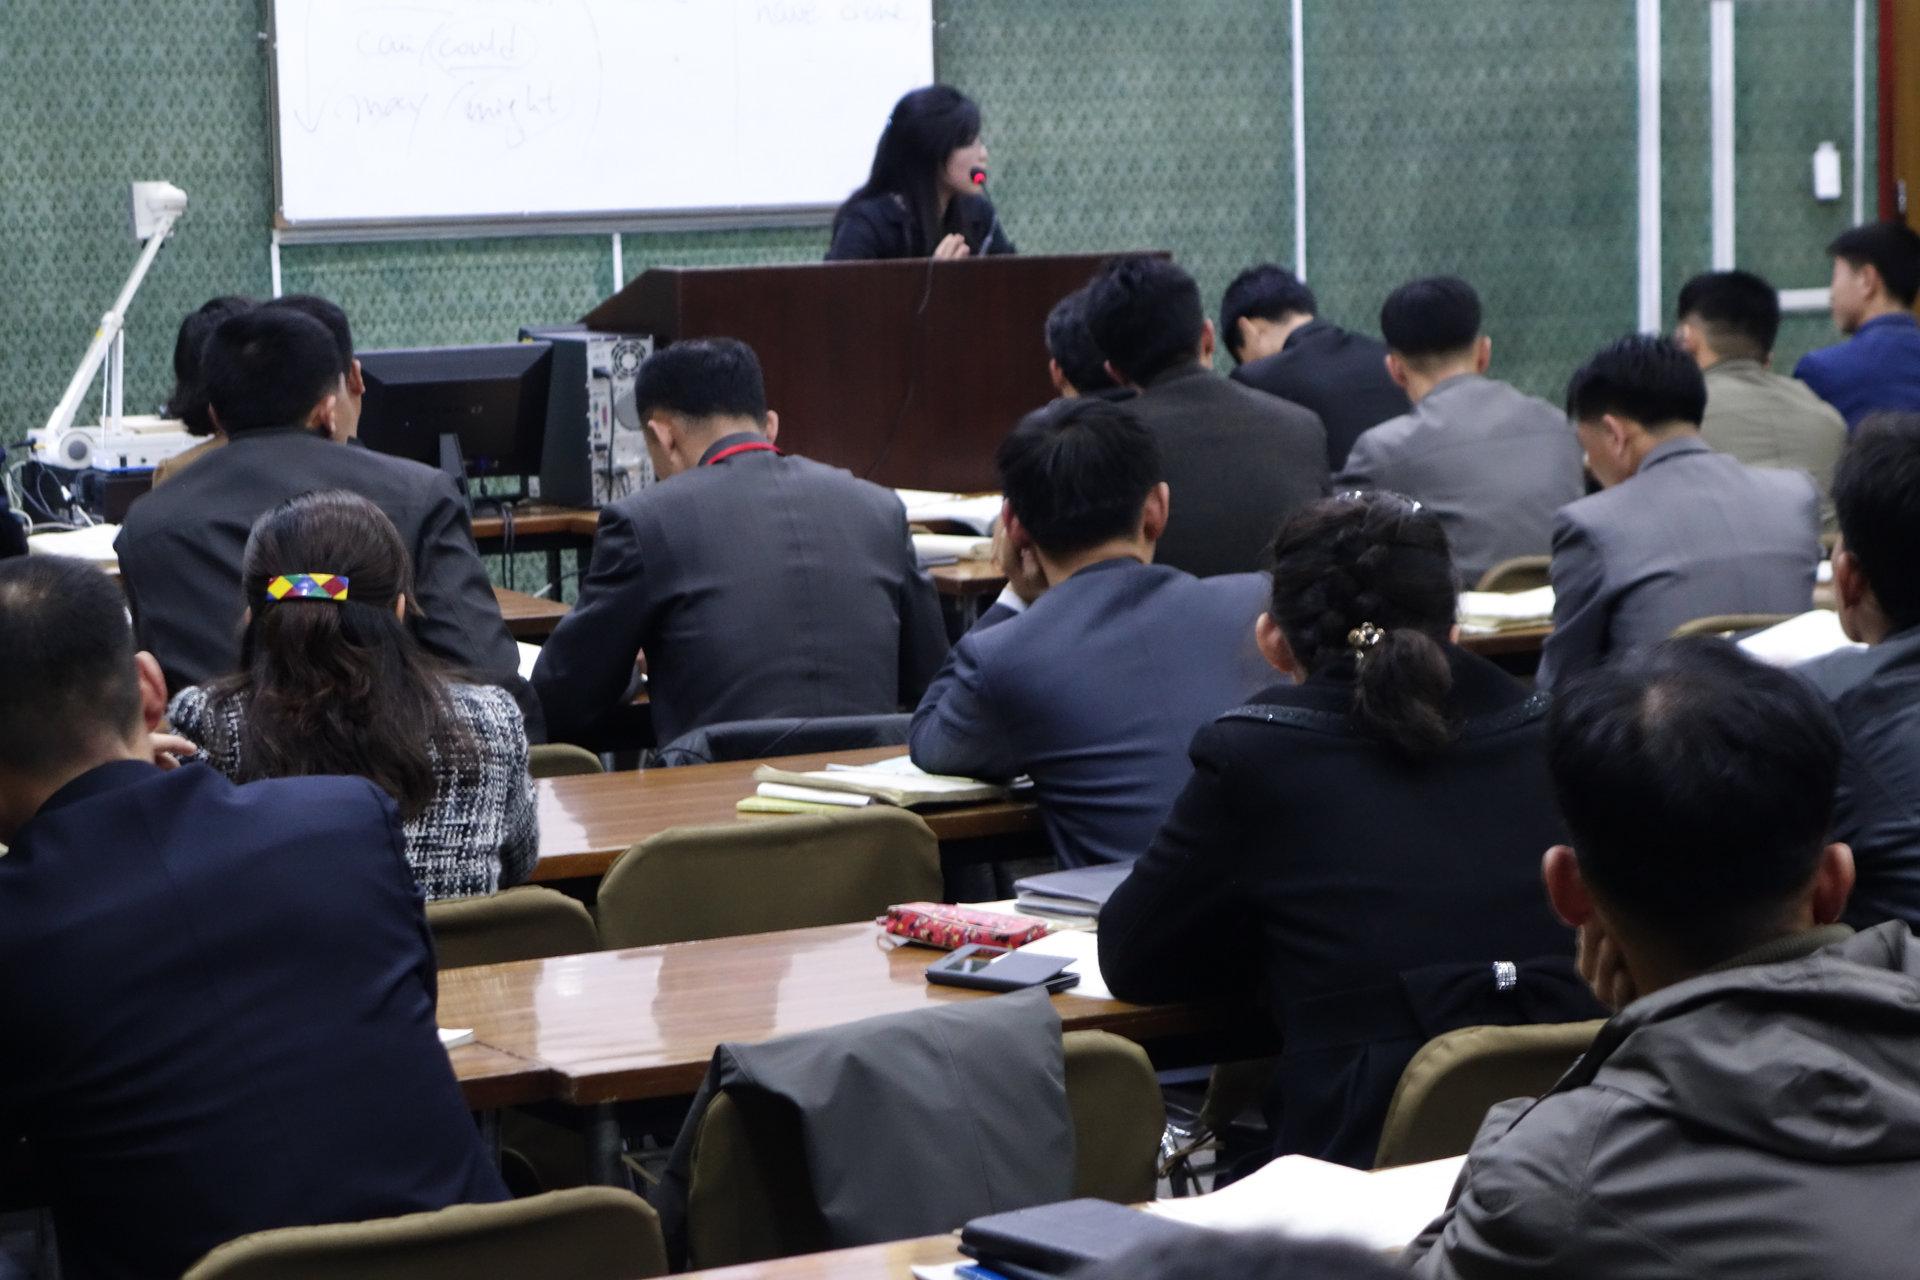 9 19 - تفاوت کره شمالی و کره جنوبی از روی عکس